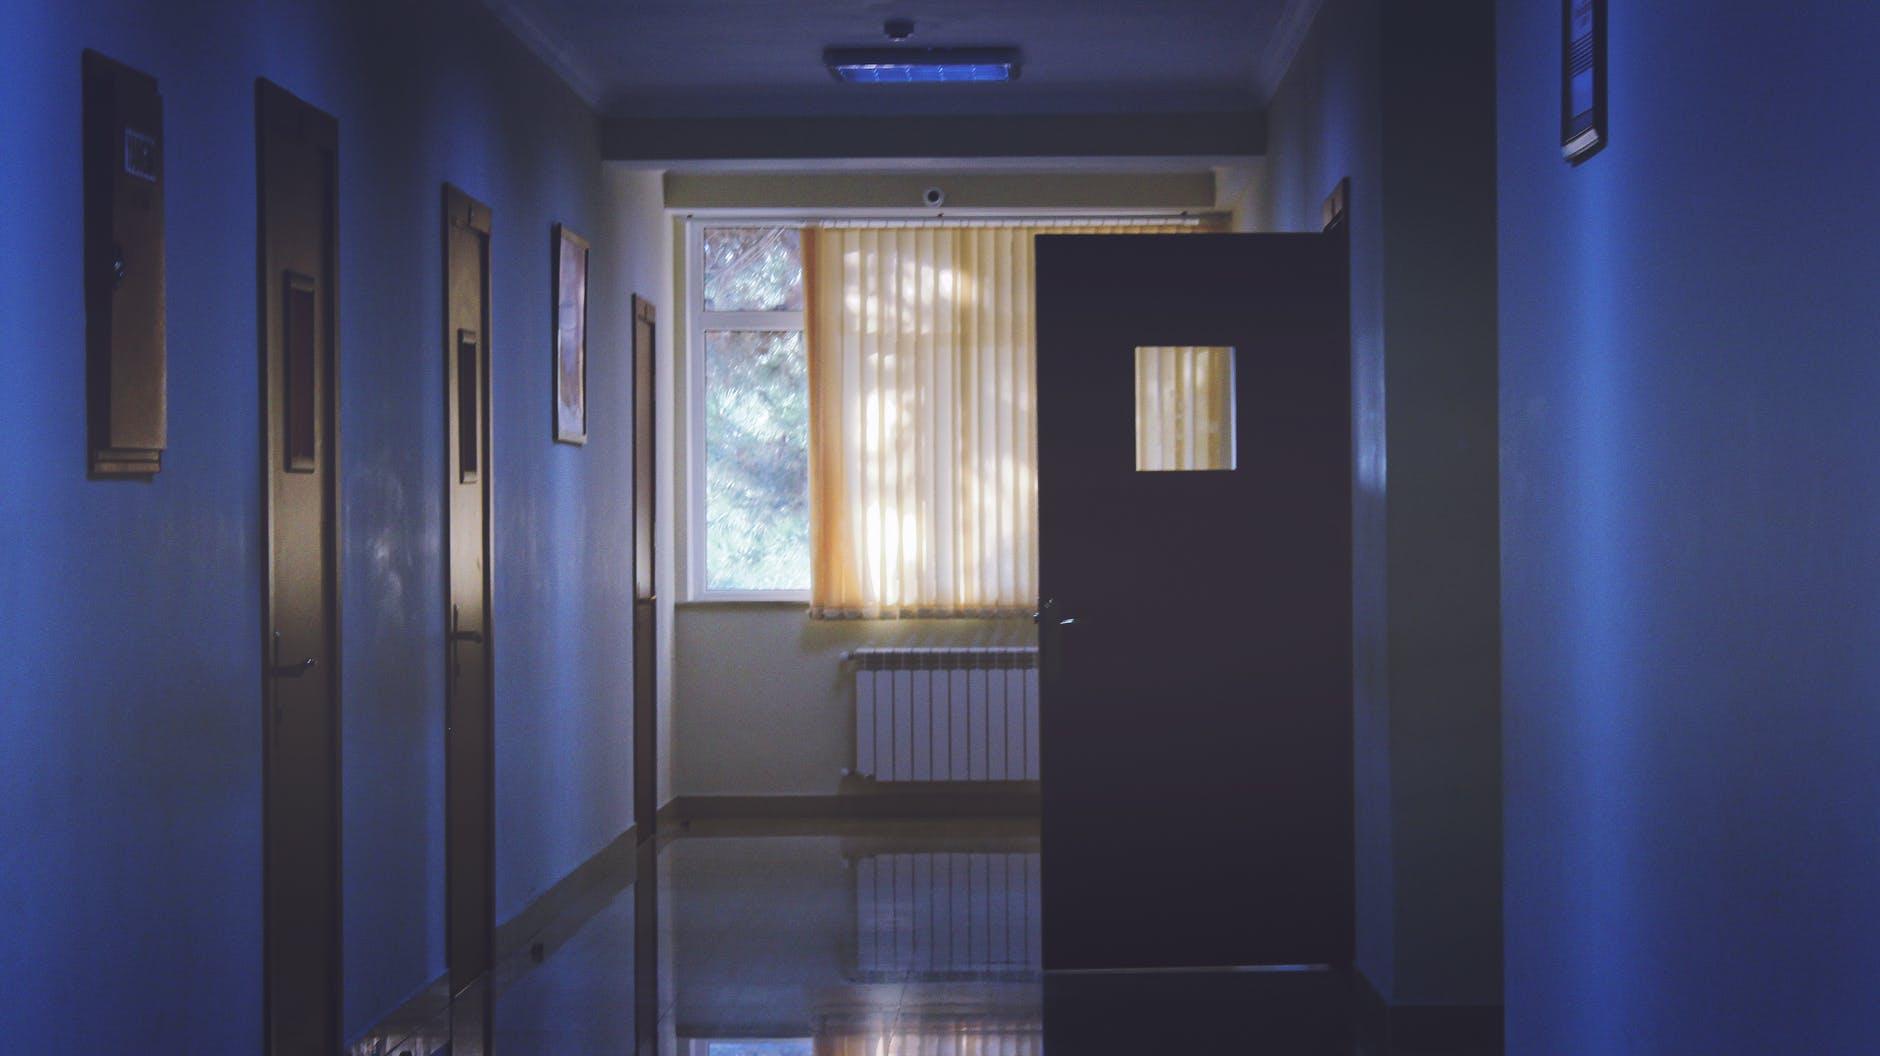 عدّاد كورونا يتخطّى الألف يوميّاً والمستشفيات تستنفذ قدرتها الاستيعابية: تخوّف جدّي من السيناريو الإيطالي في لبنان